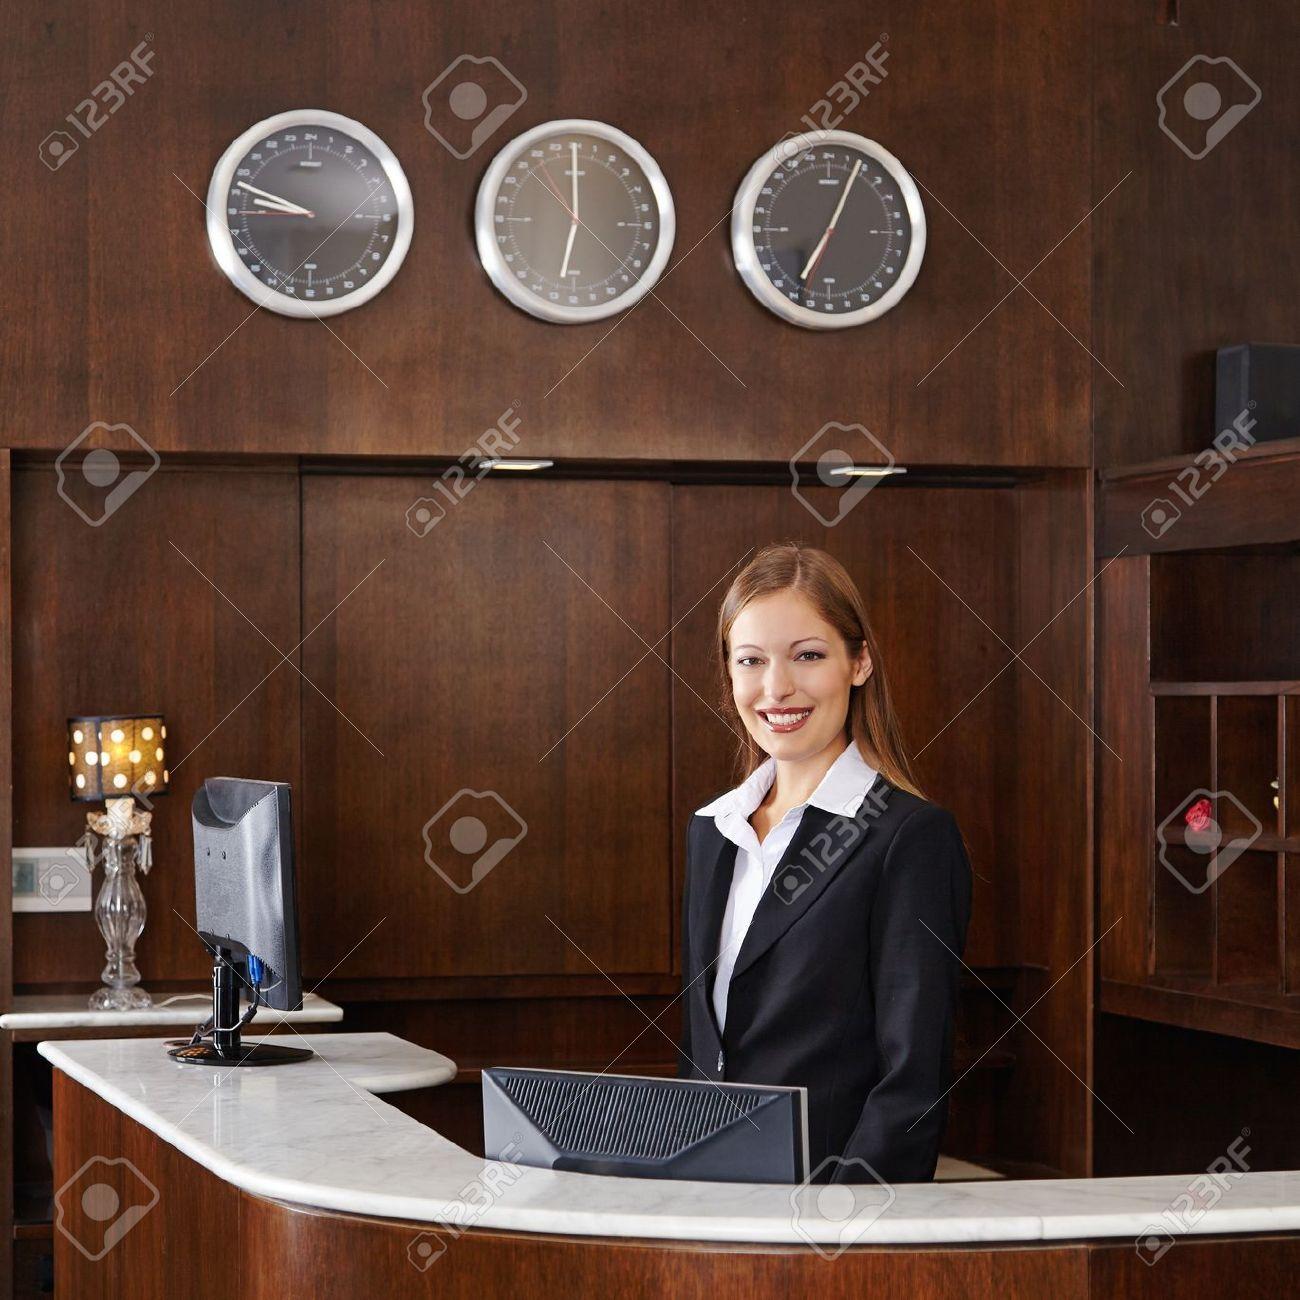 Toonbank Royalty-Vrije Foto's, Plaatjes, Beelden En Stock Fotografie